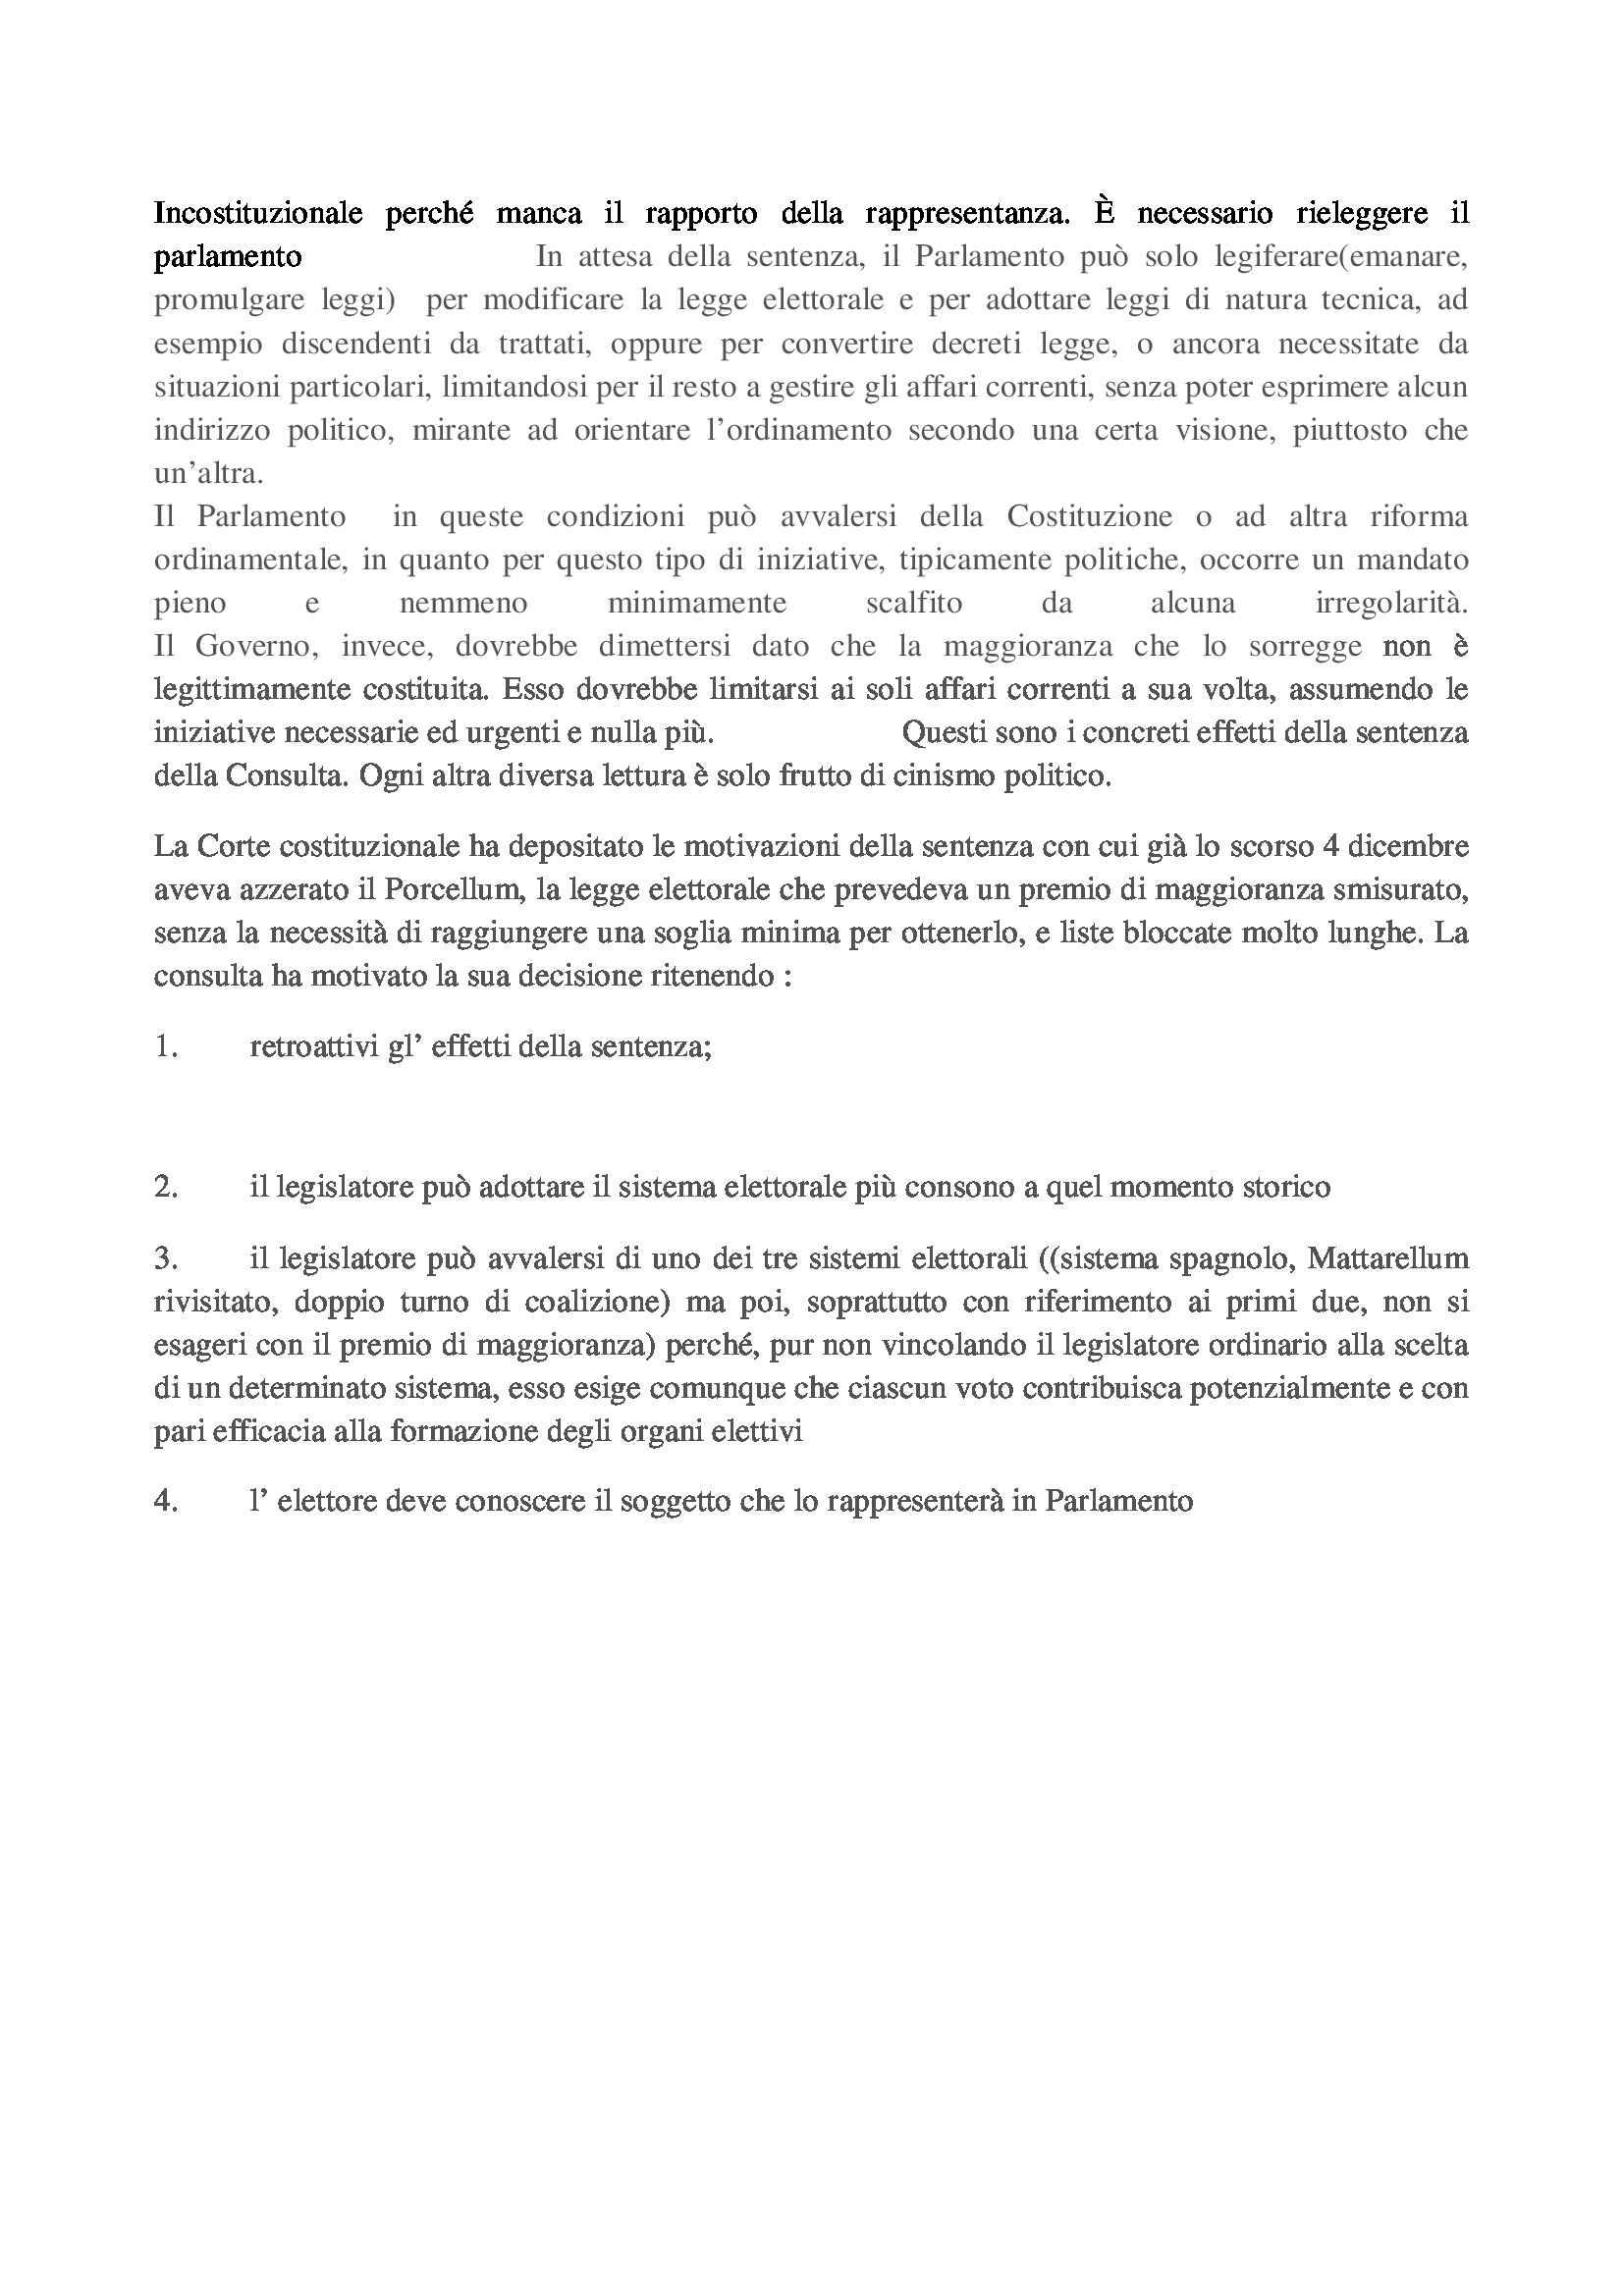 Diritto costituzionale - Porcellum